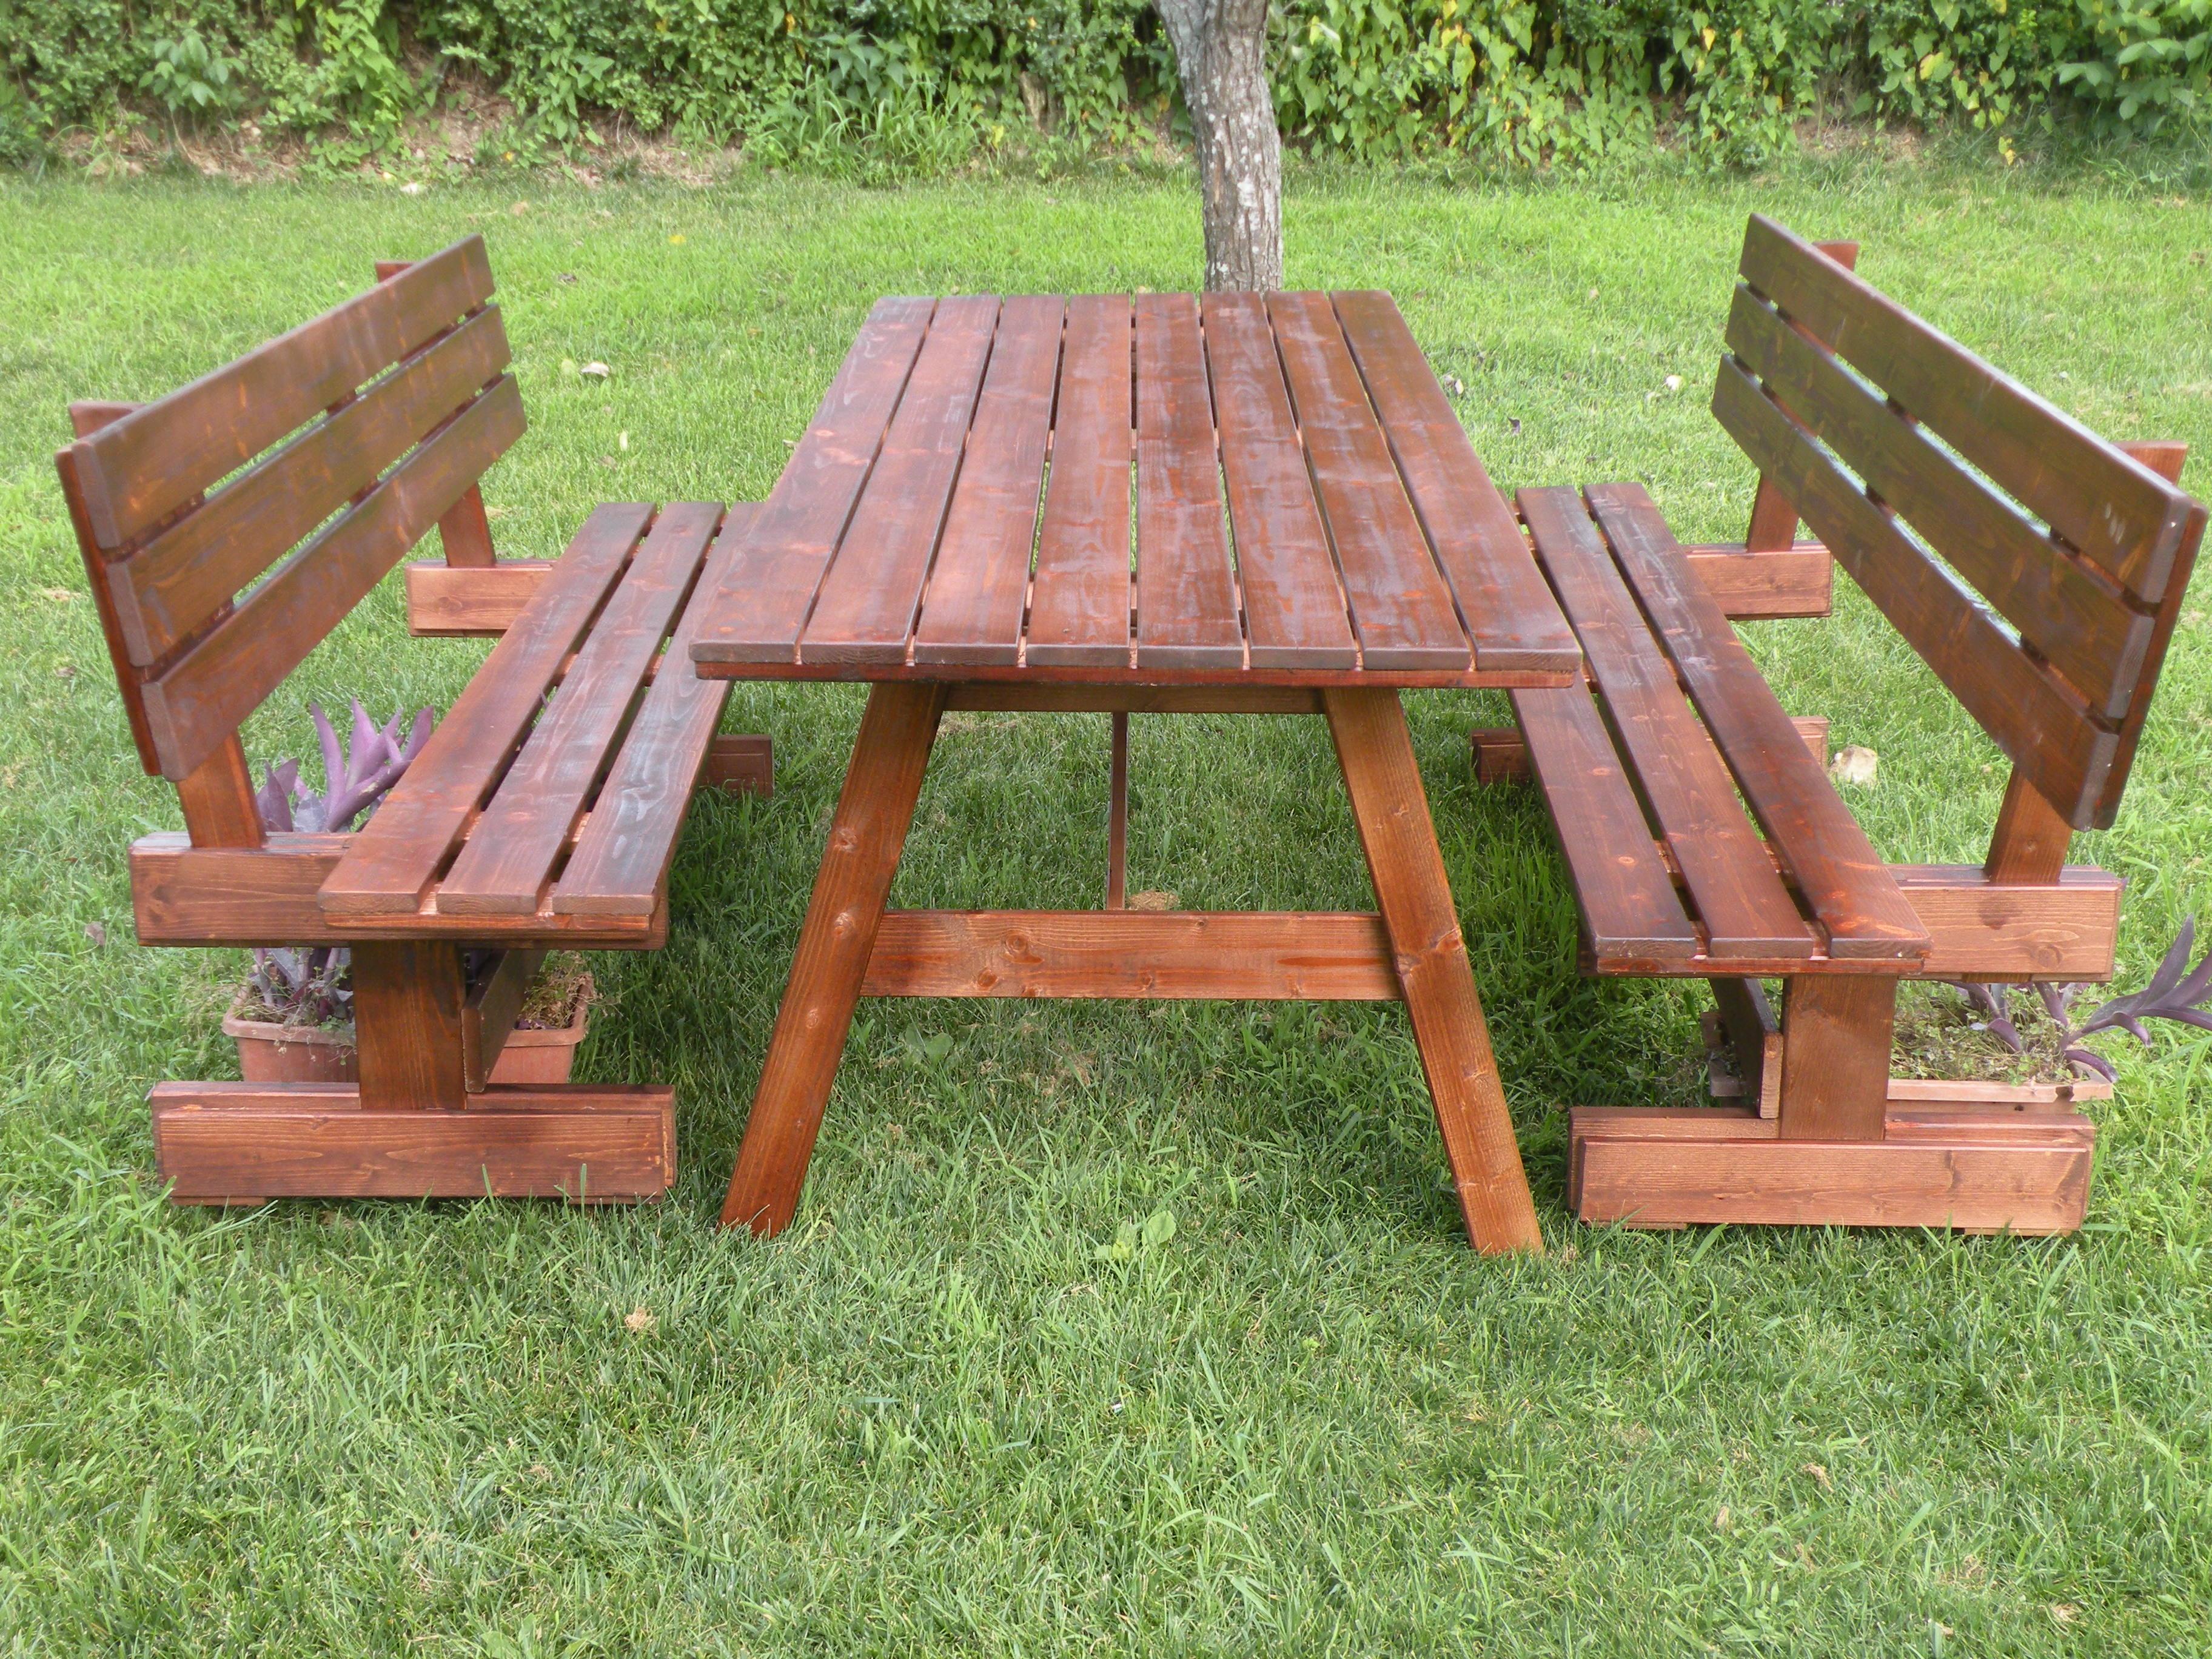 Tavoli per l'esterno in legno : Tavolo da giardino con ...